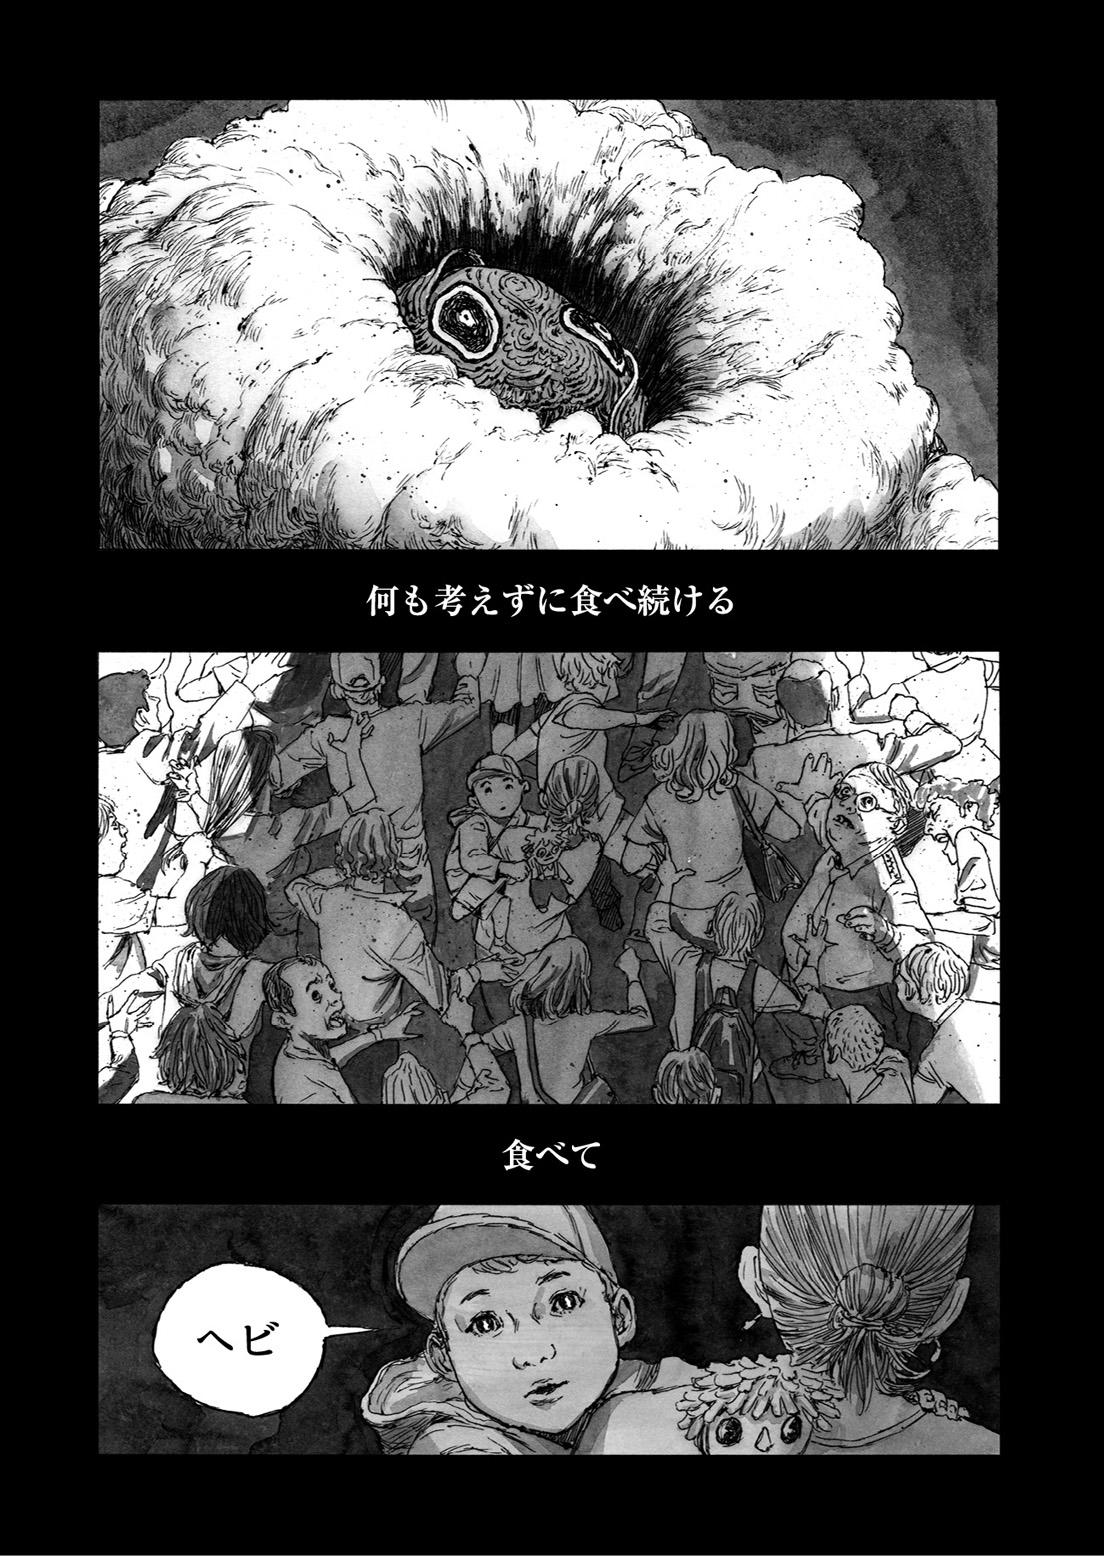 長編漫画「BIBLIOMANIA」連載 第1話「不死偽(ふしぎ)の館のアリス」4P